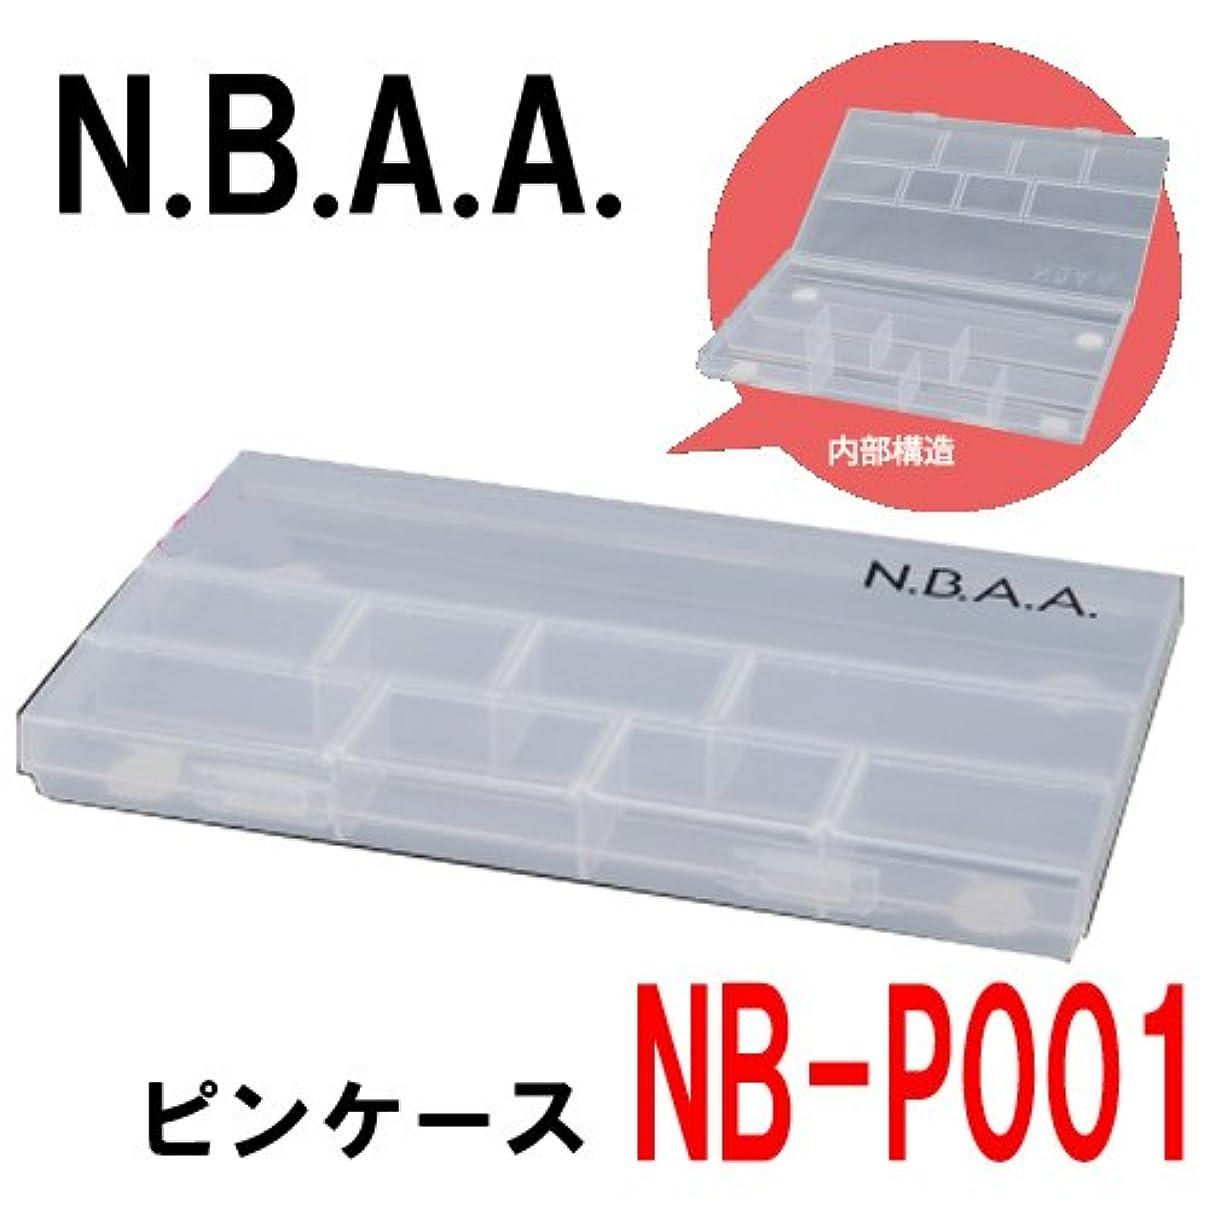 公使館毒側溝N.B.A.A. NB-P001 ピンケース